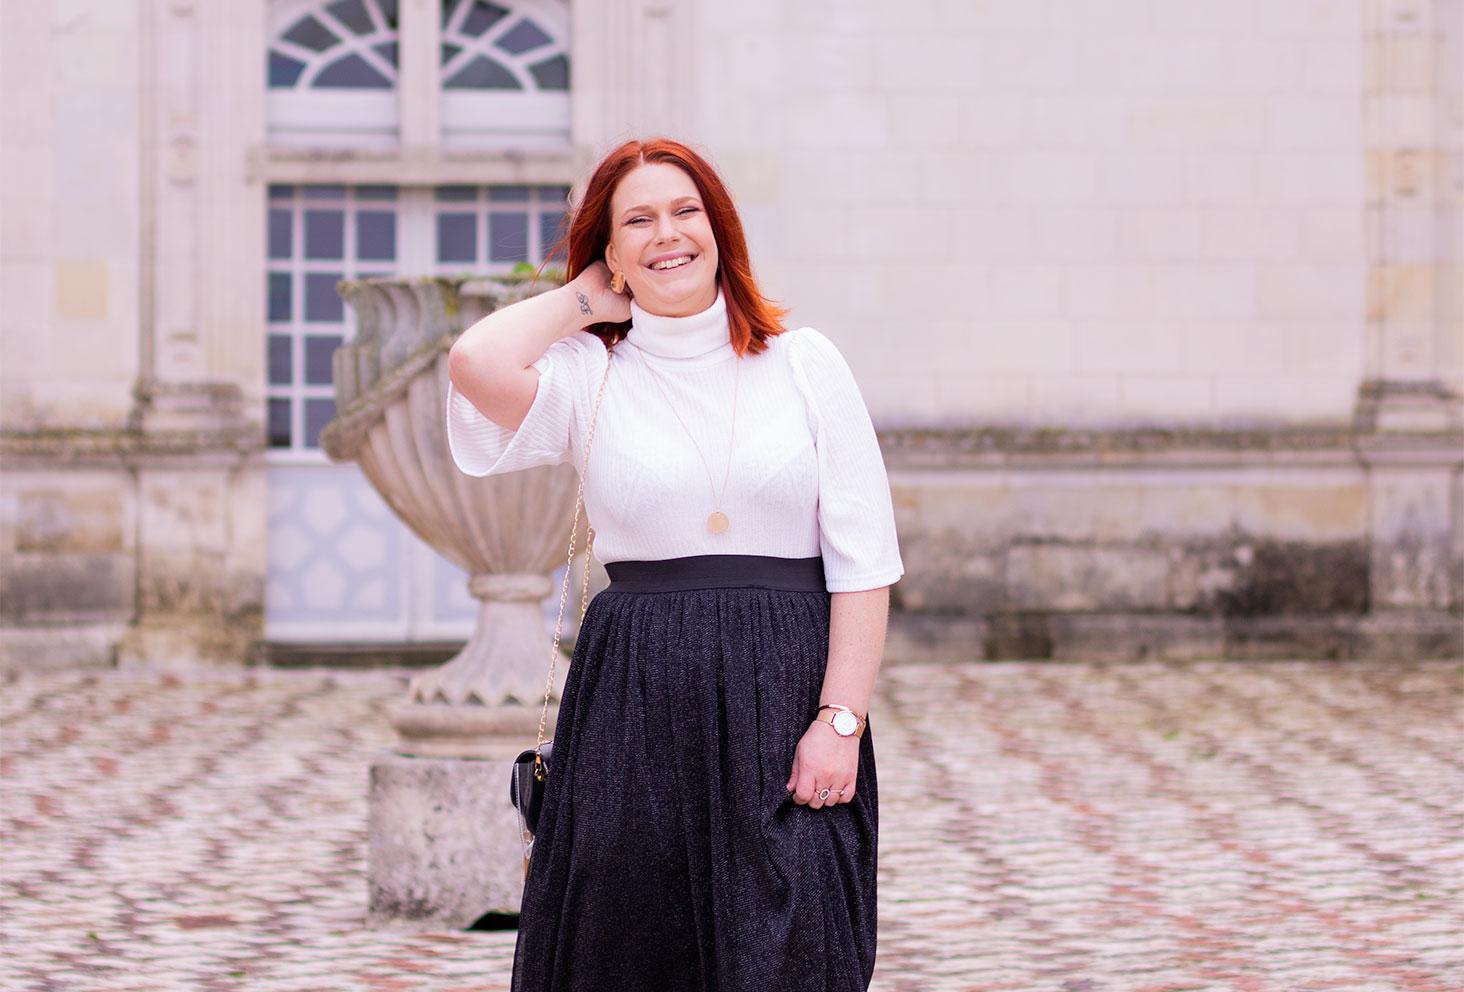 En pull blanc à col roulé et jupe en tulle noire à paillettes, la main dans la nuque un médaillon autour du coup, dans la cour du château de Villandry